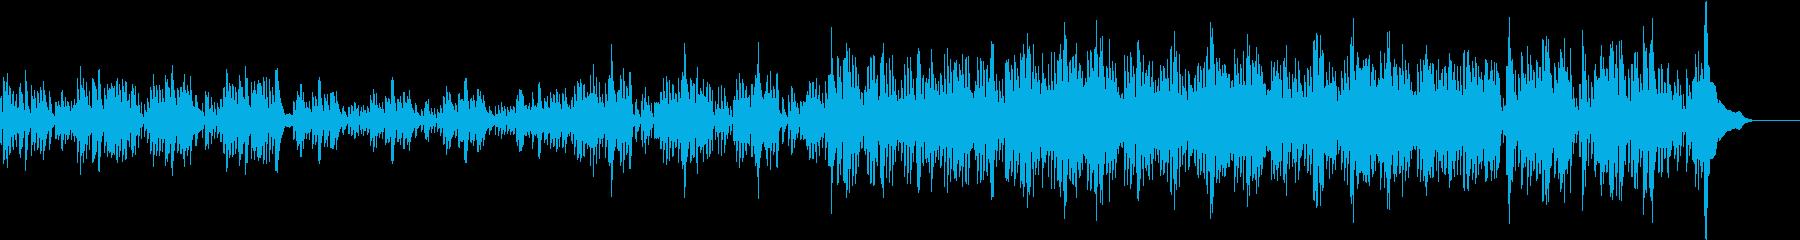 どこまでもつづく海をイメージしたハープ曲の再生済みの波形